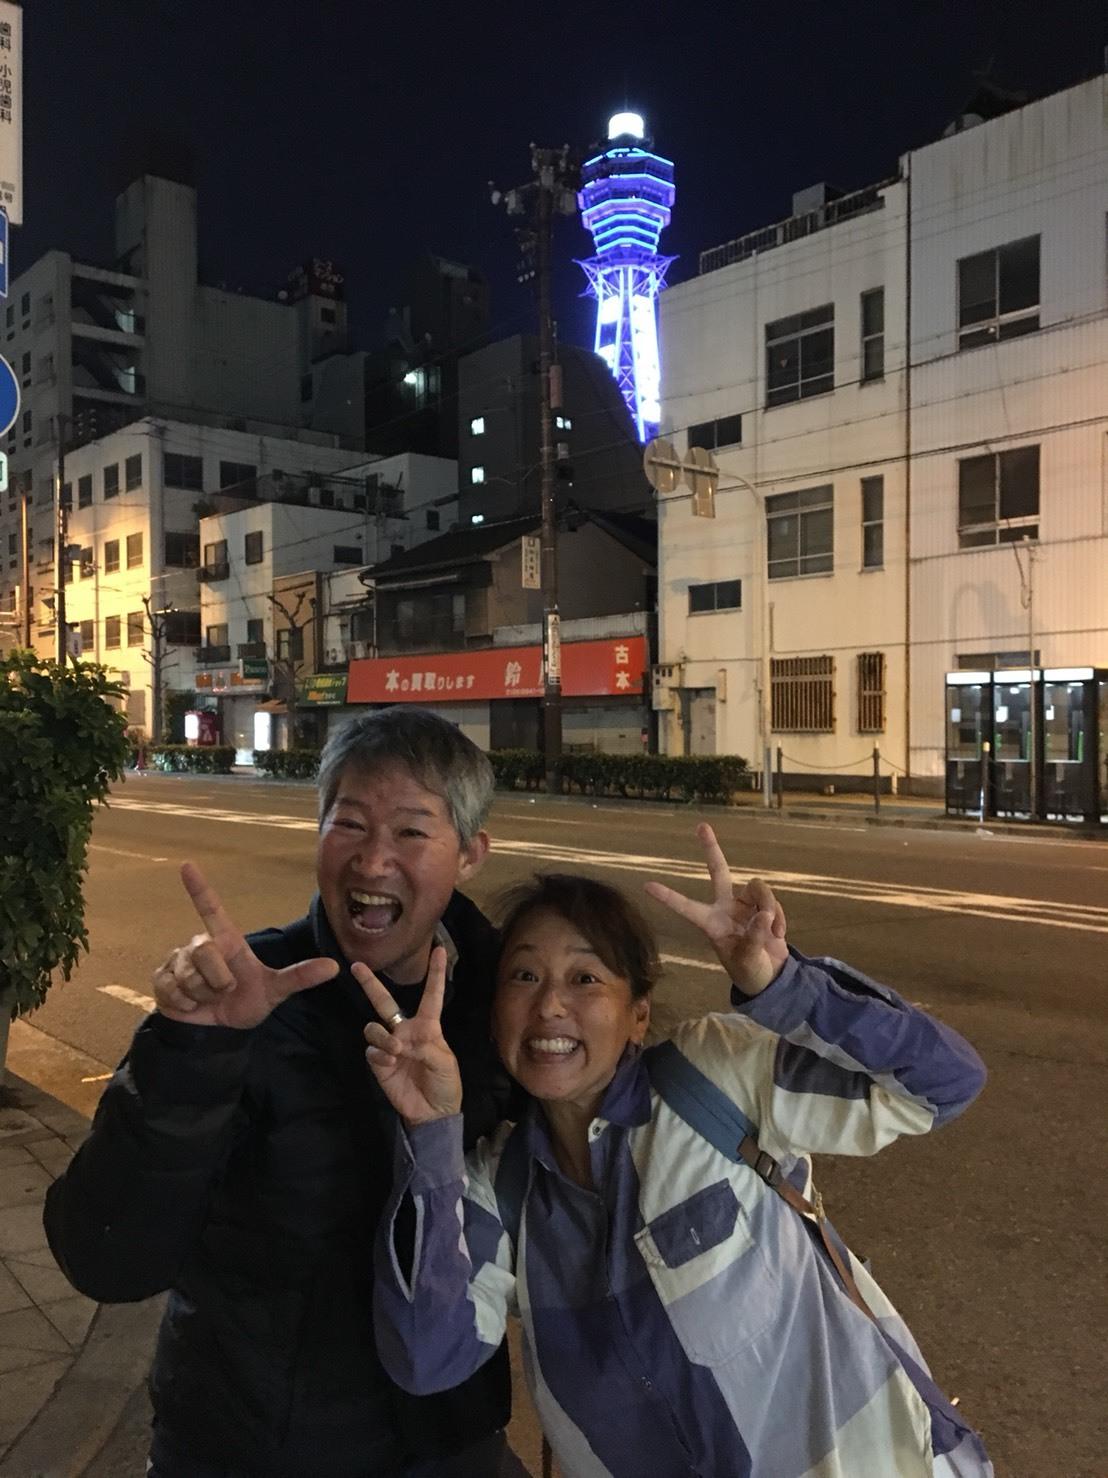 【日本ー】あべのハルカスへ行ってきた~!        大阪_e0184067_17315047.jpg